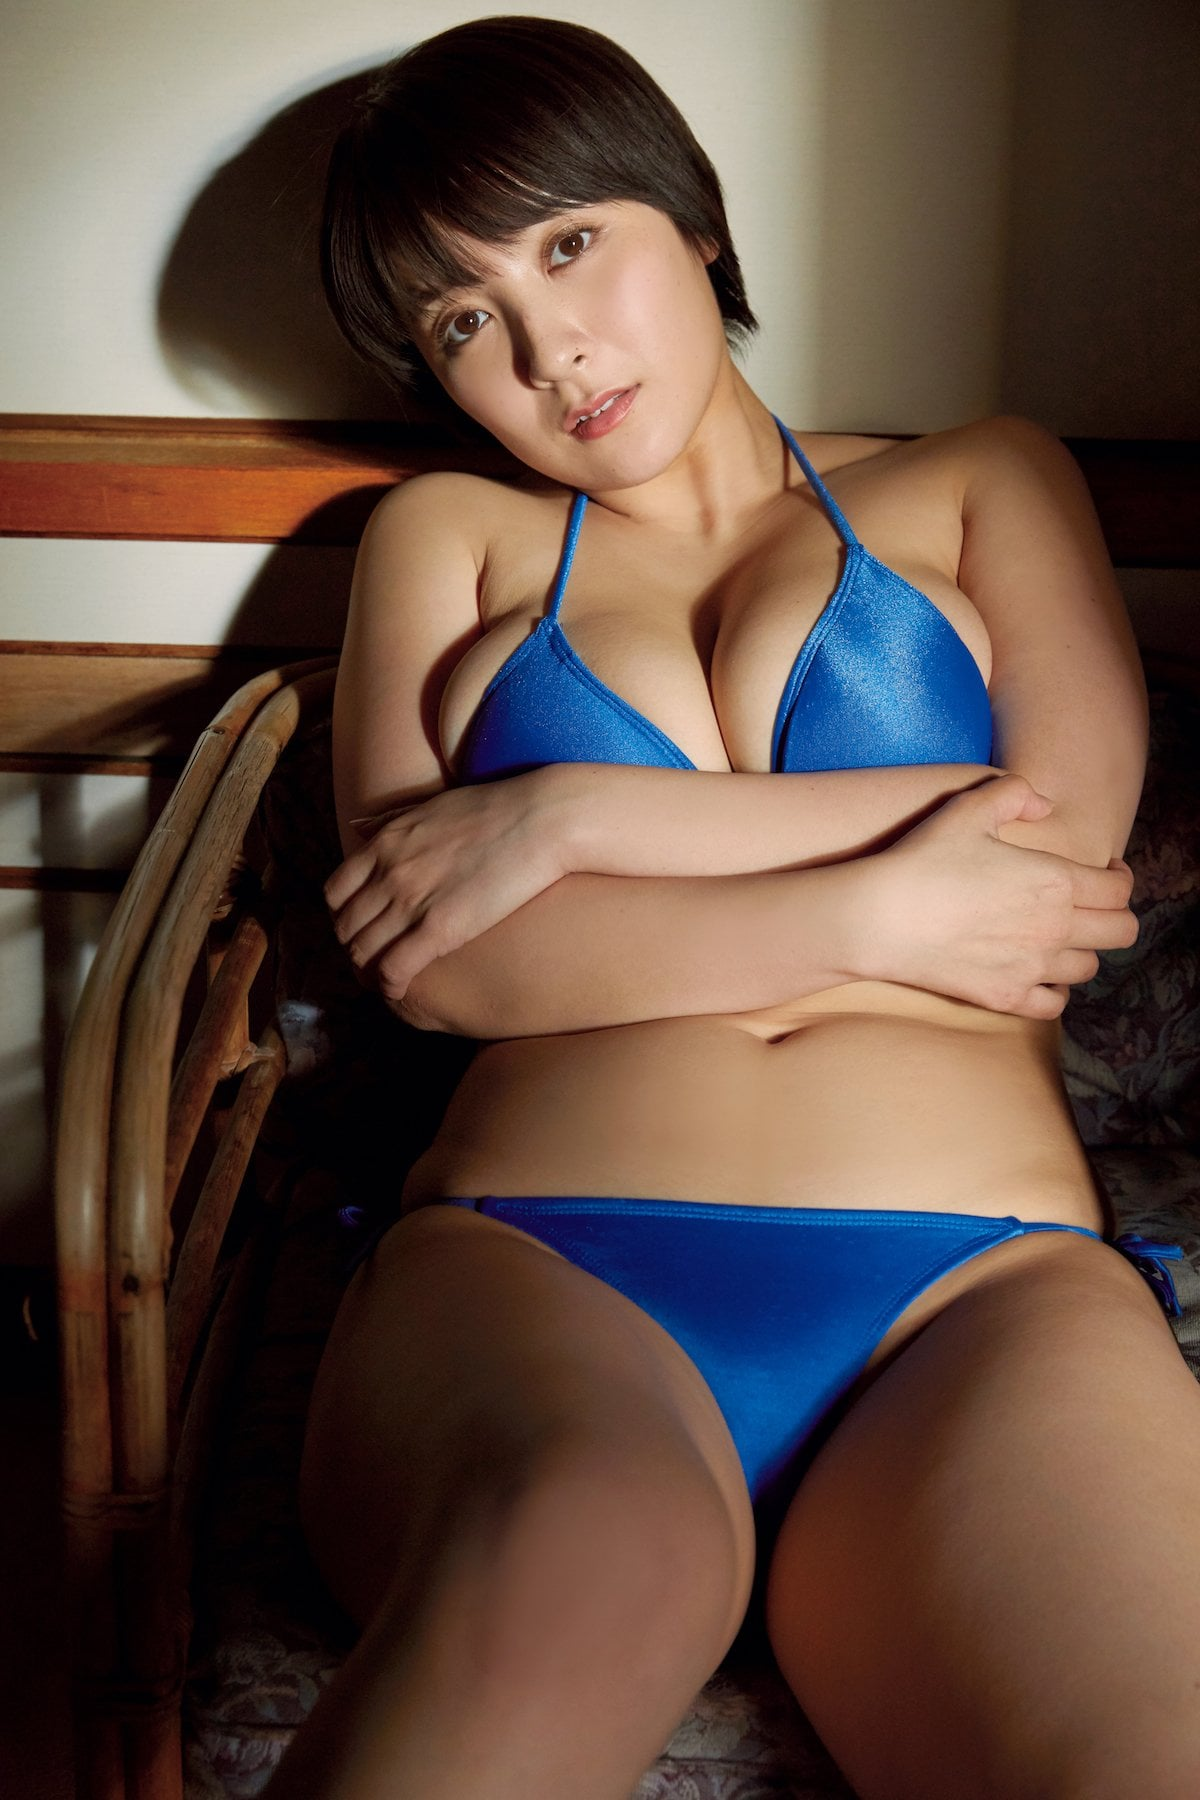 紺野栞「むちむちボディ」飛び出しそうな3Dバストをお届け!【画像10枚】の画像004